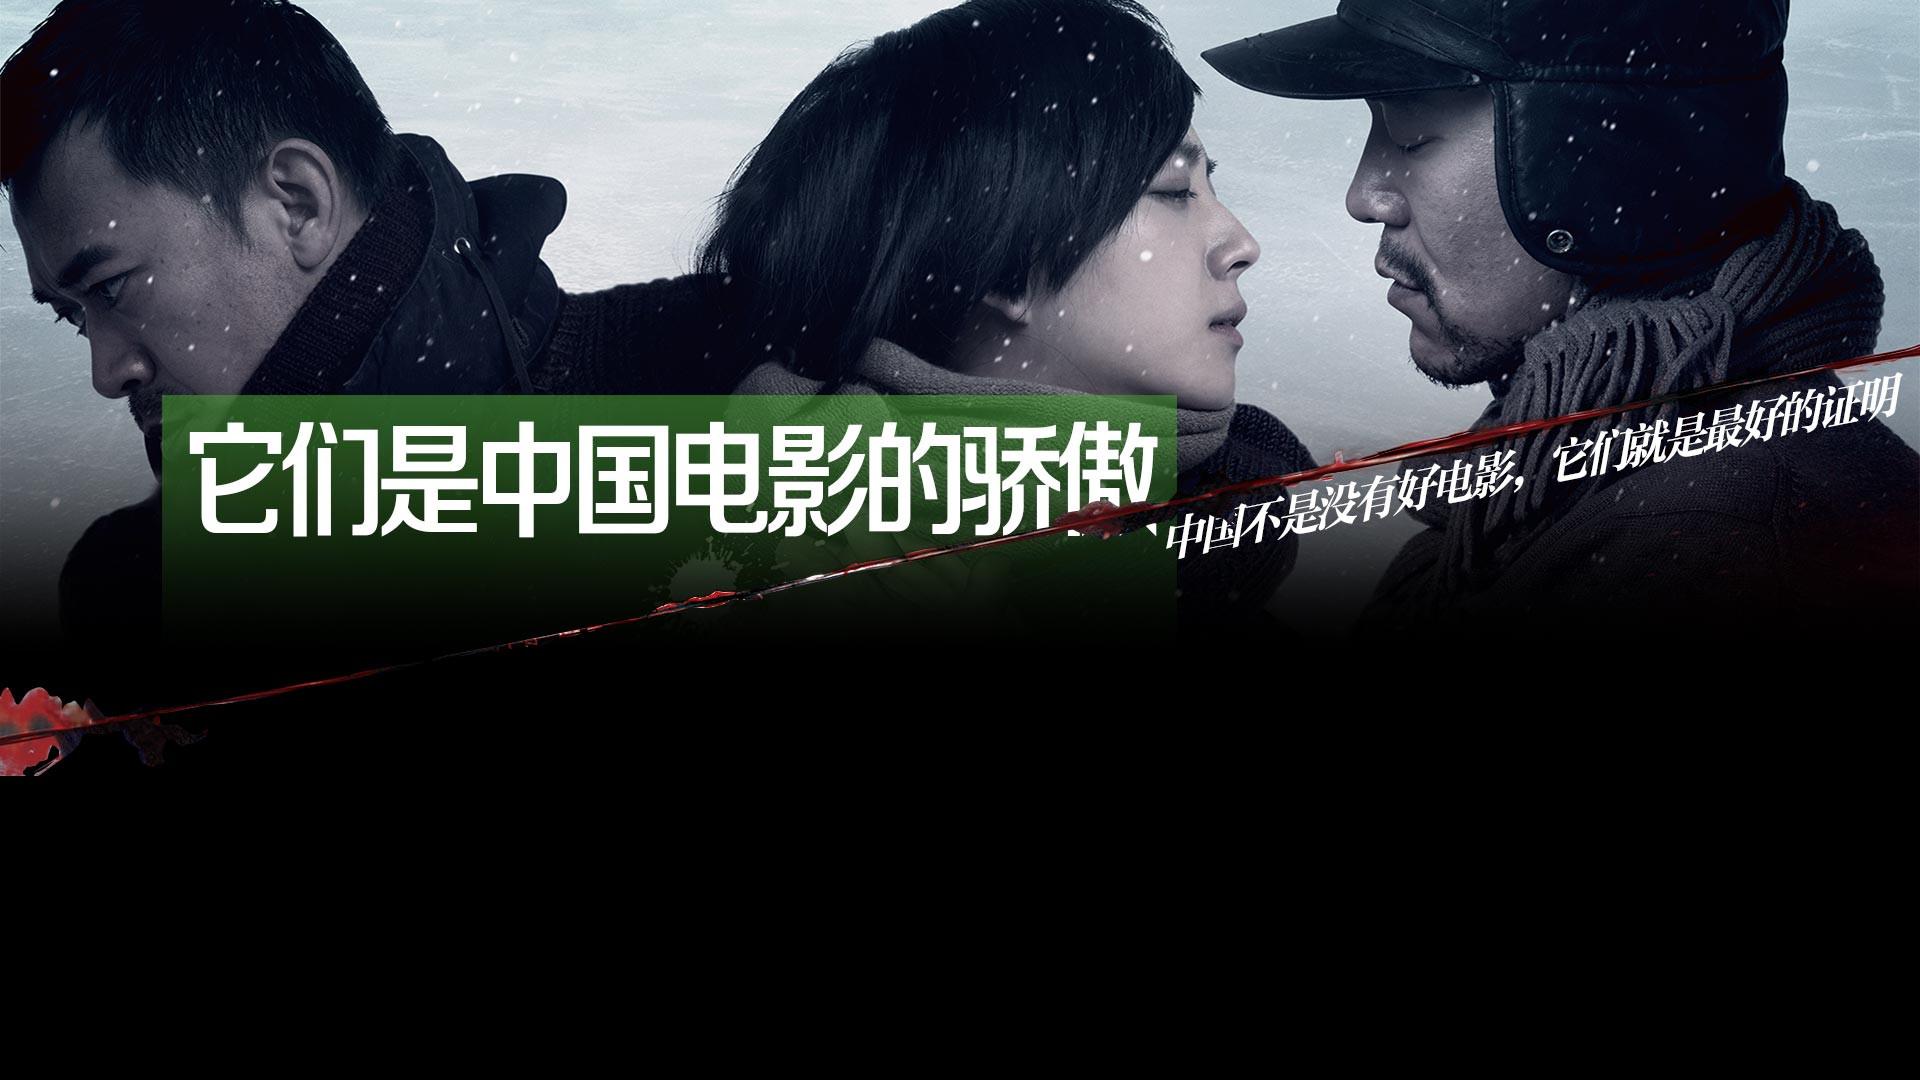 中国电影的骄傲